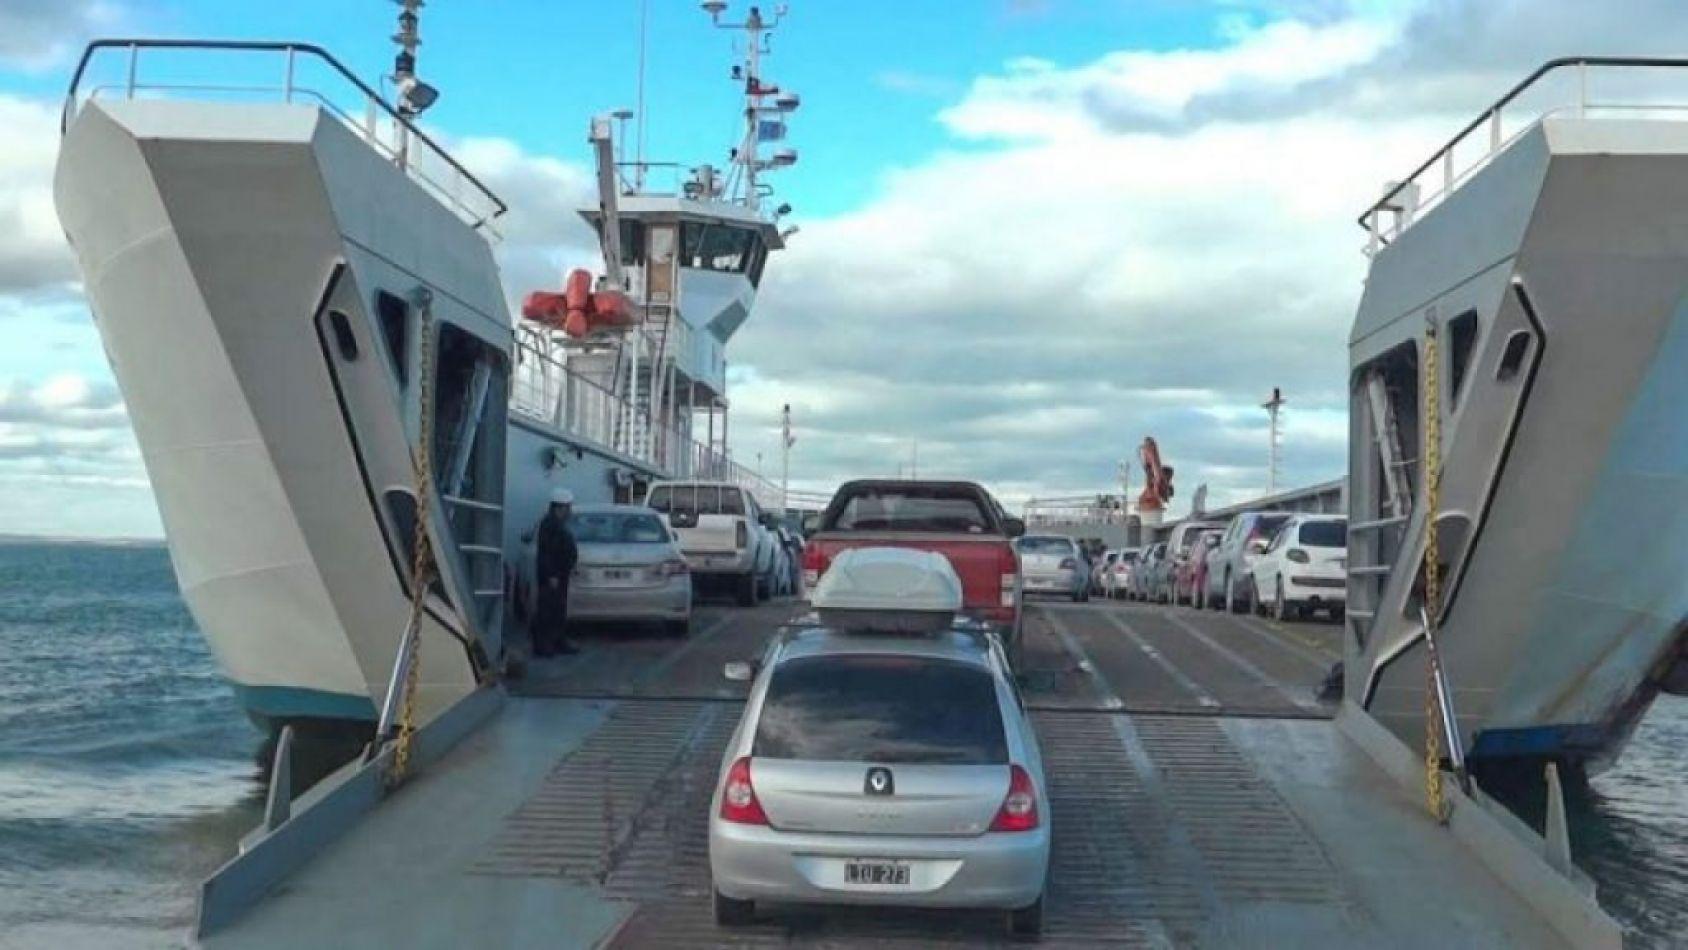 Servicio de Barcaza suspendido por fuertes vientos